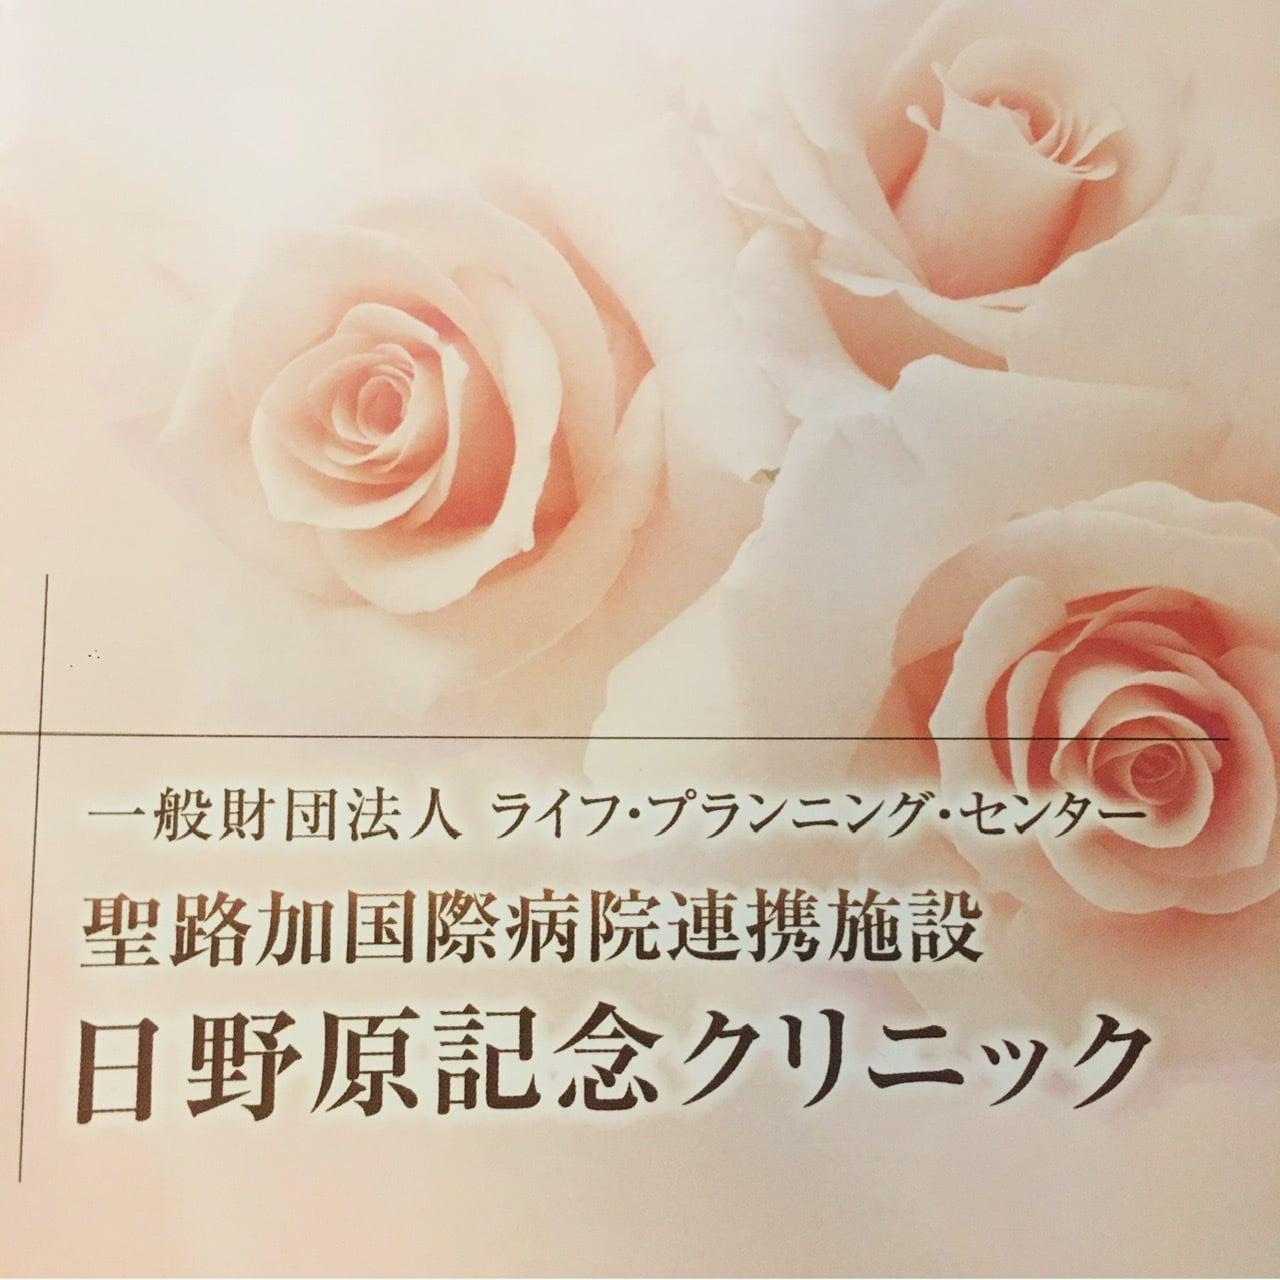 【高輪ゲートウェイ】日野原記念クリニックの人間ドック口コミ(ランチ付)